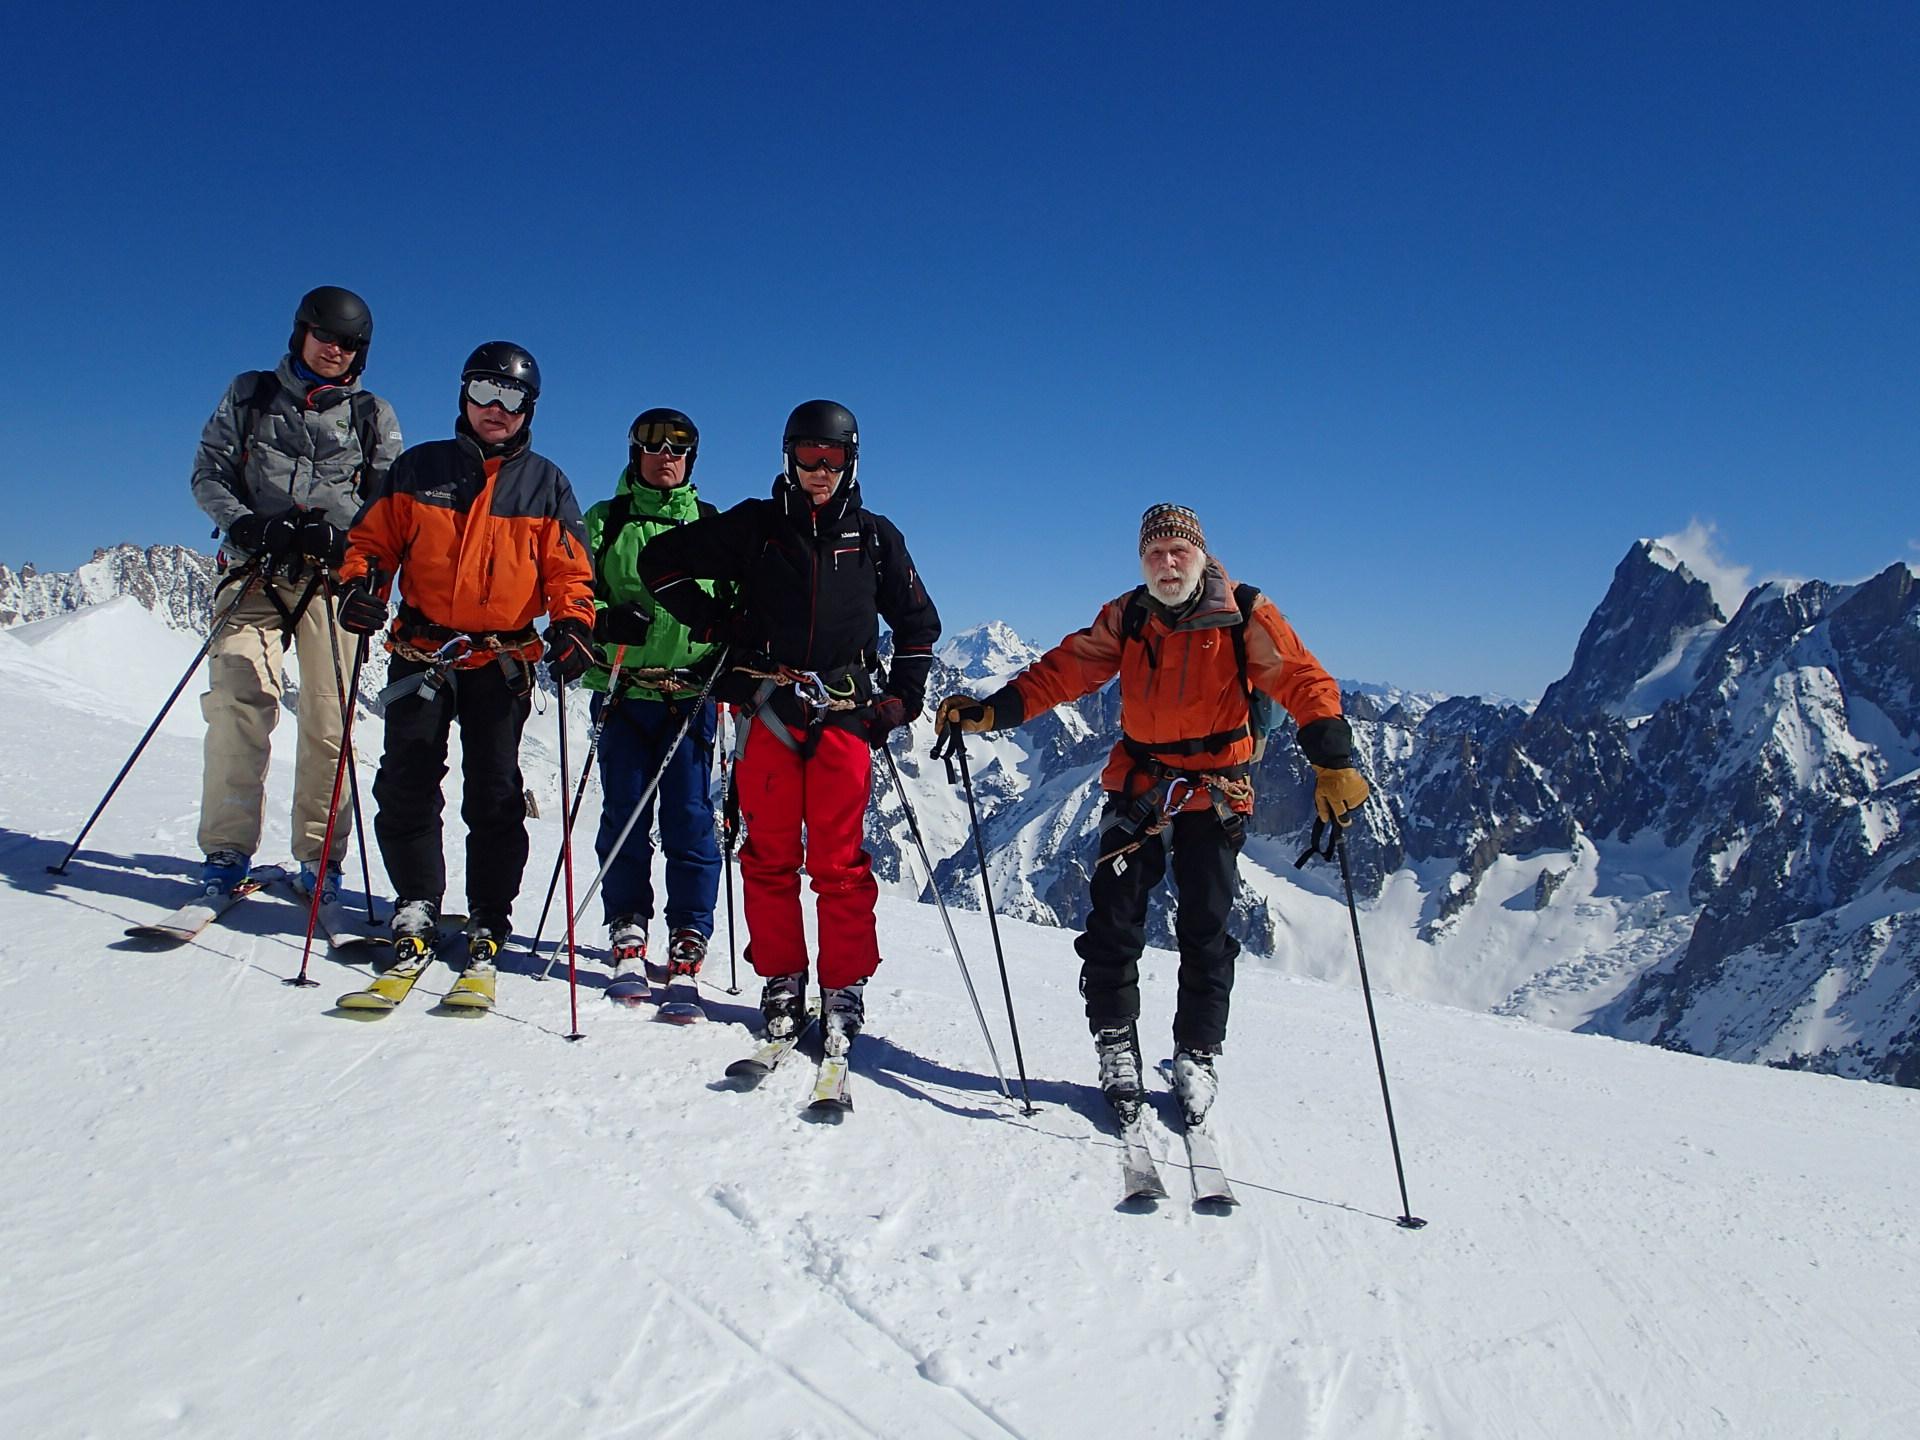 Laurent, Jacques, Alain, Jacky et David au pied de l'arête de l'Aiguille du Midi